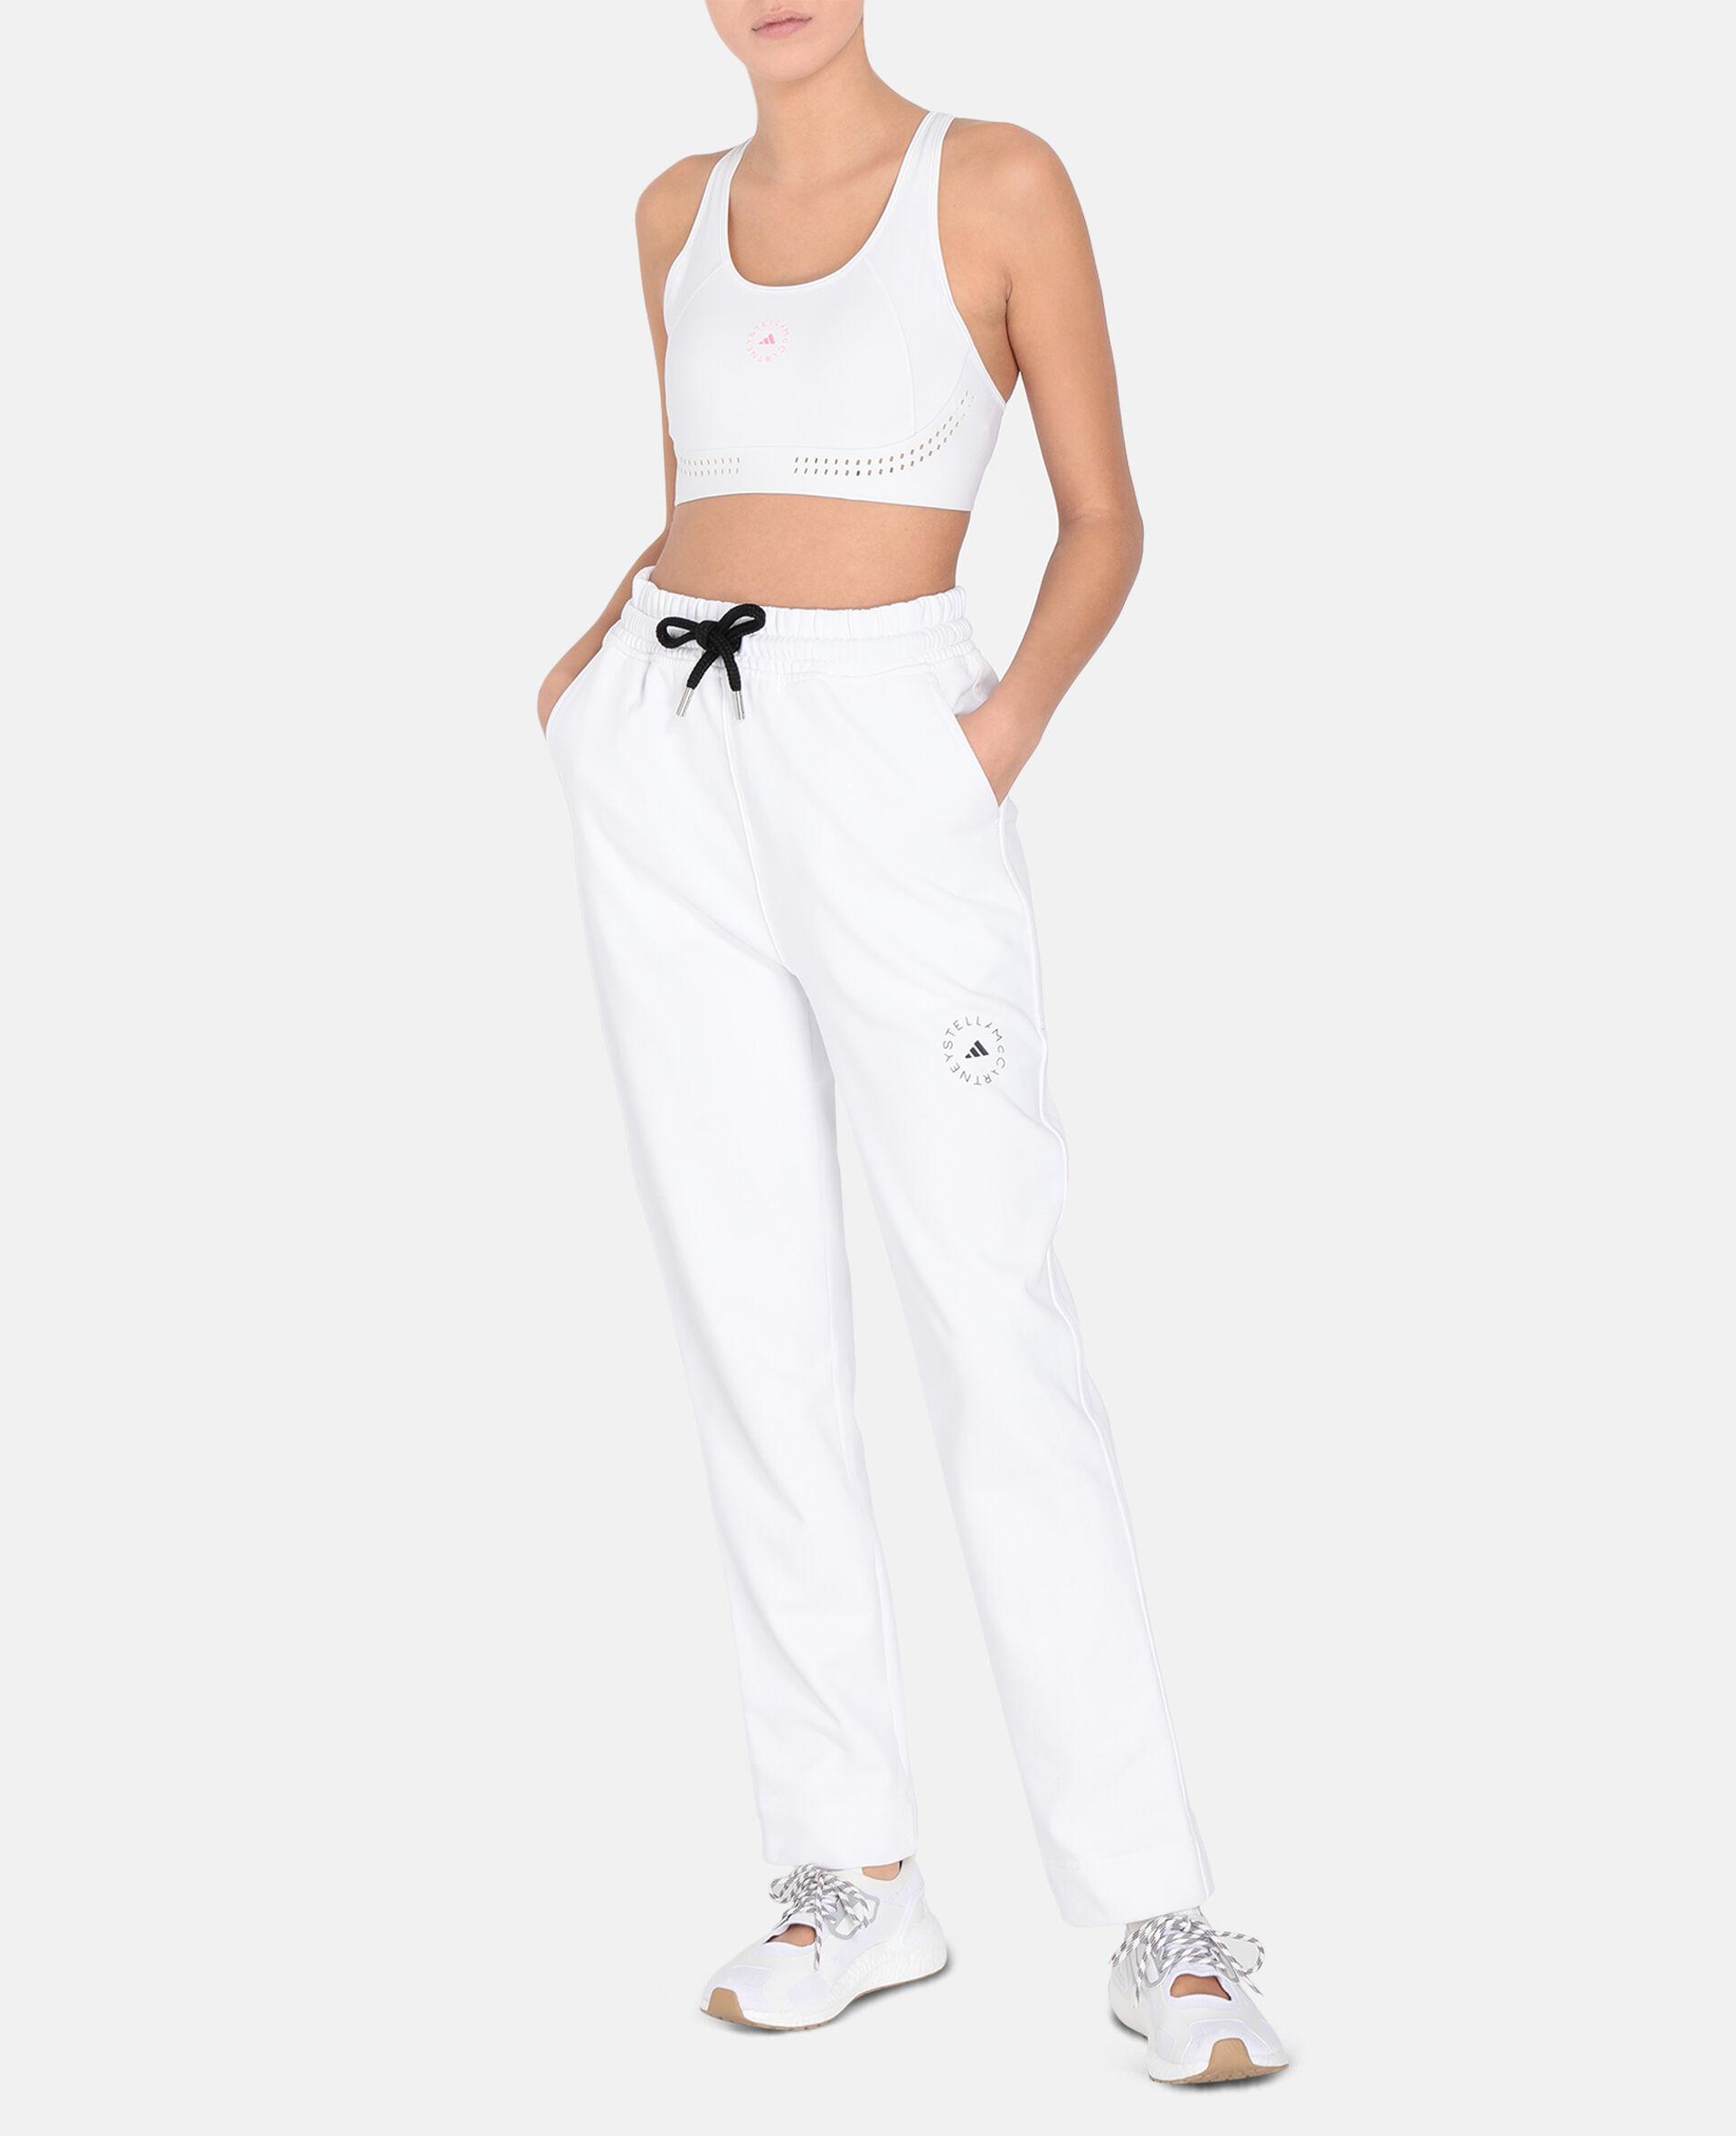 White Training Sweatpants -White-large image number 1